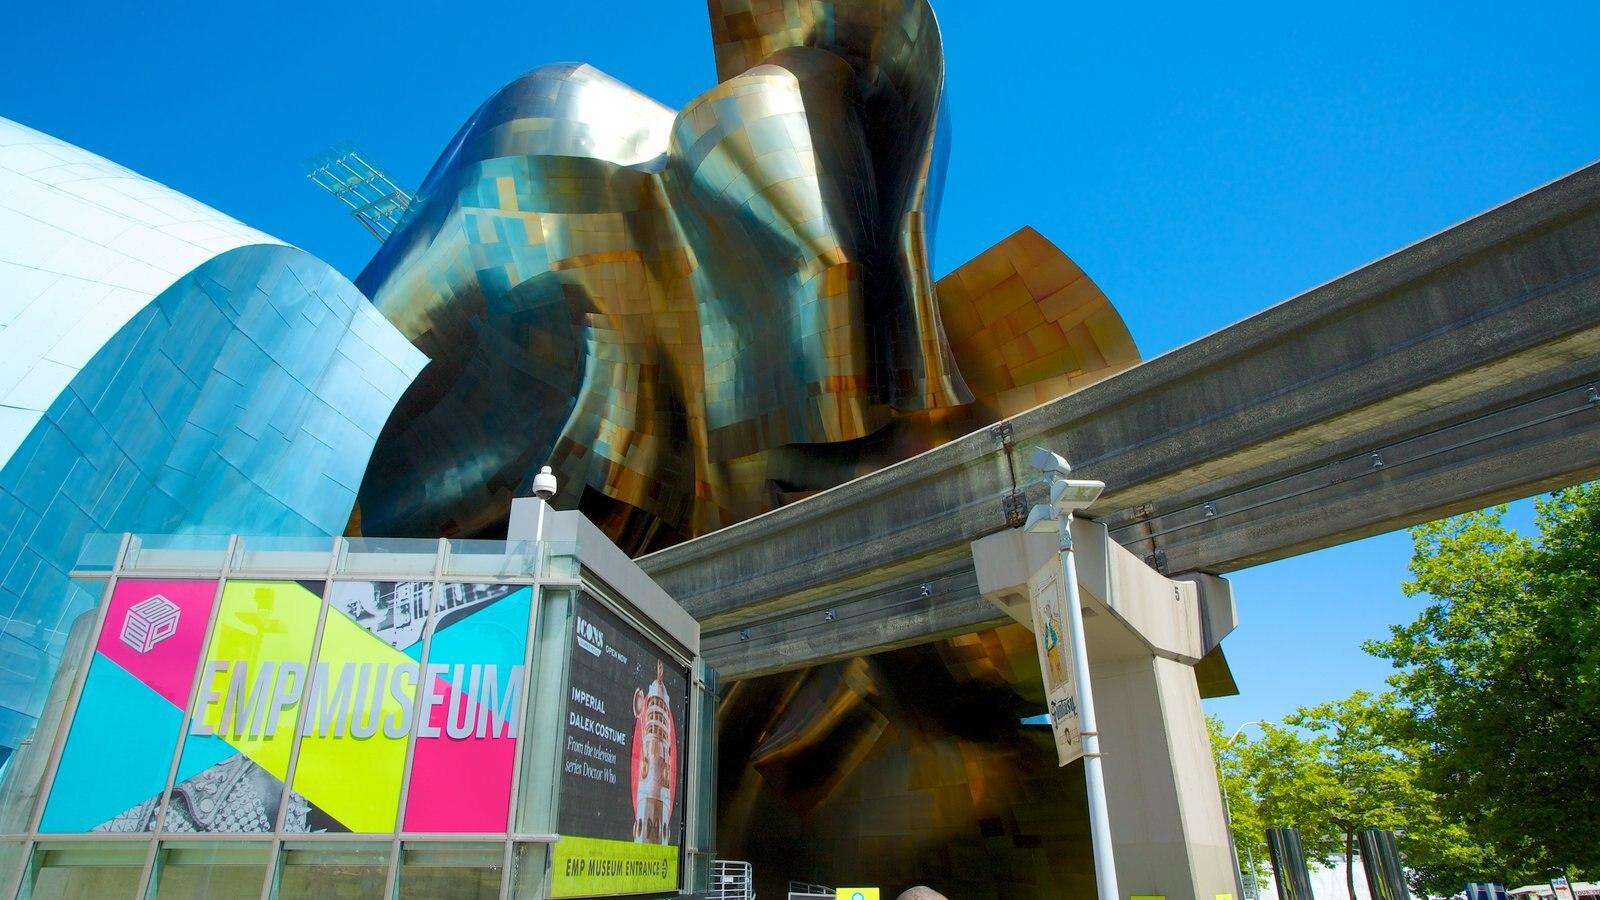 Seattle Center que inclui arquitetura moderna, uma cidade e sinalização